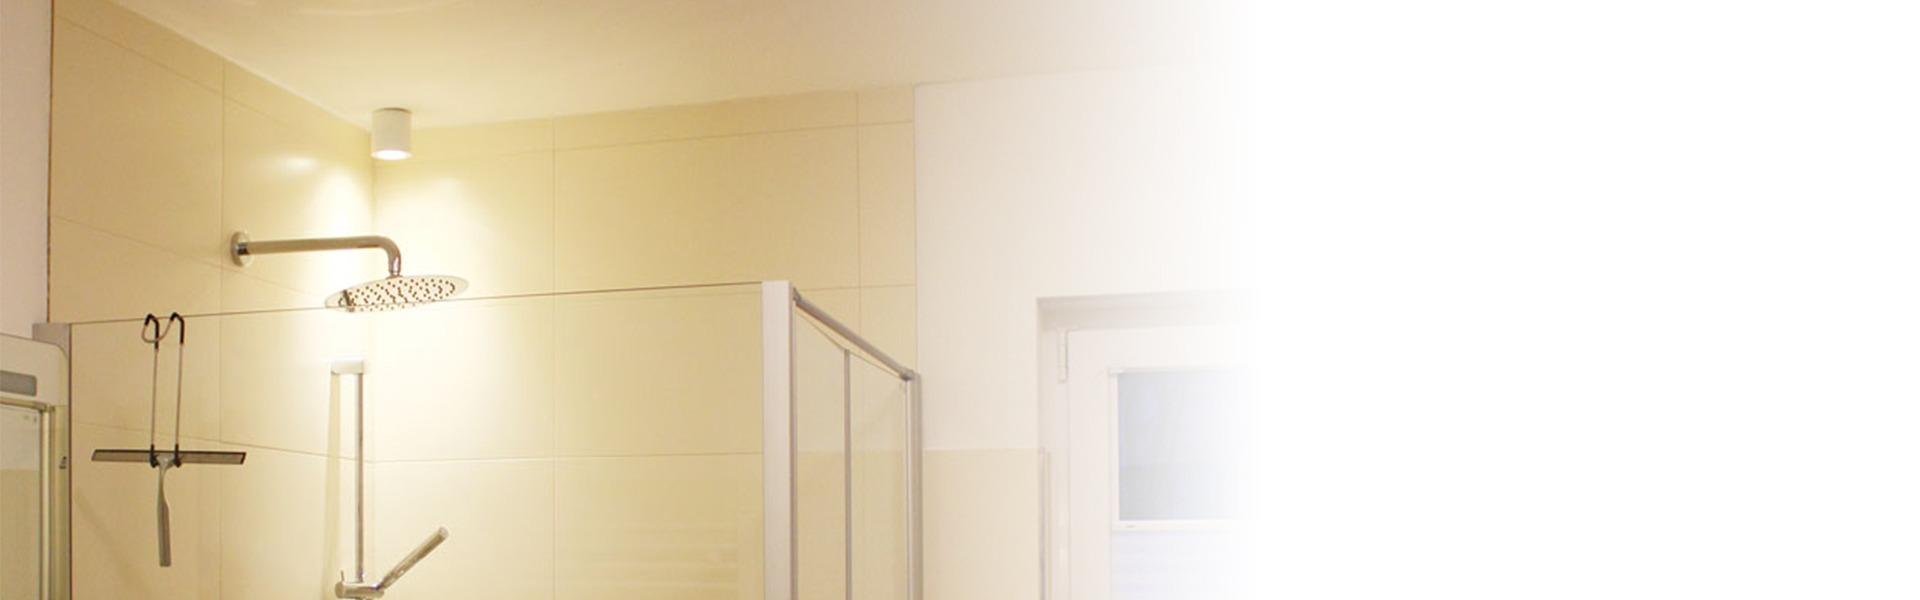 Bad Beleuchtung Tipps Zur Optimalen Bad Beleuchtung Spiegellampe